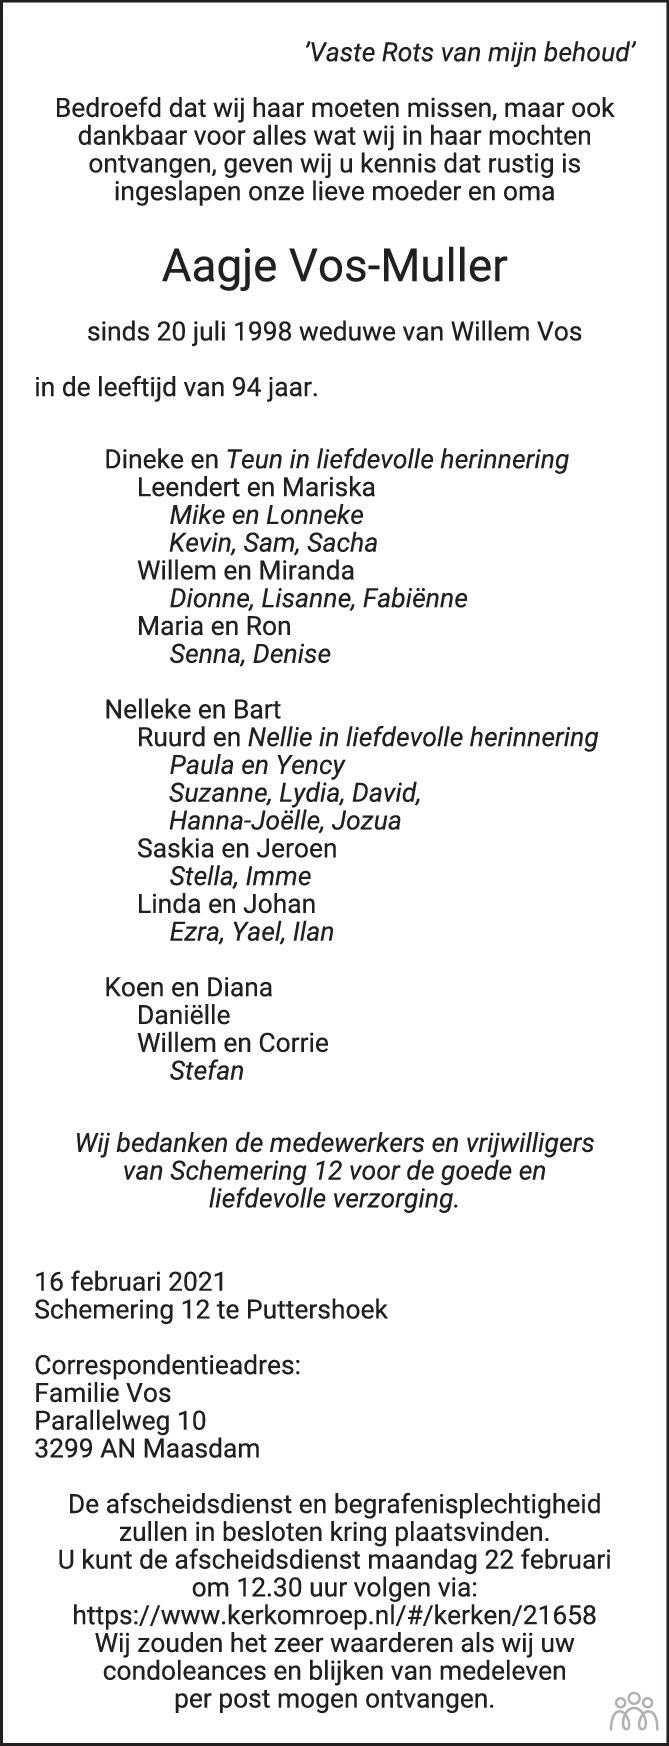 Overlijdensbericht van Aagje Vos-Muller in Het Kompas vrijdag